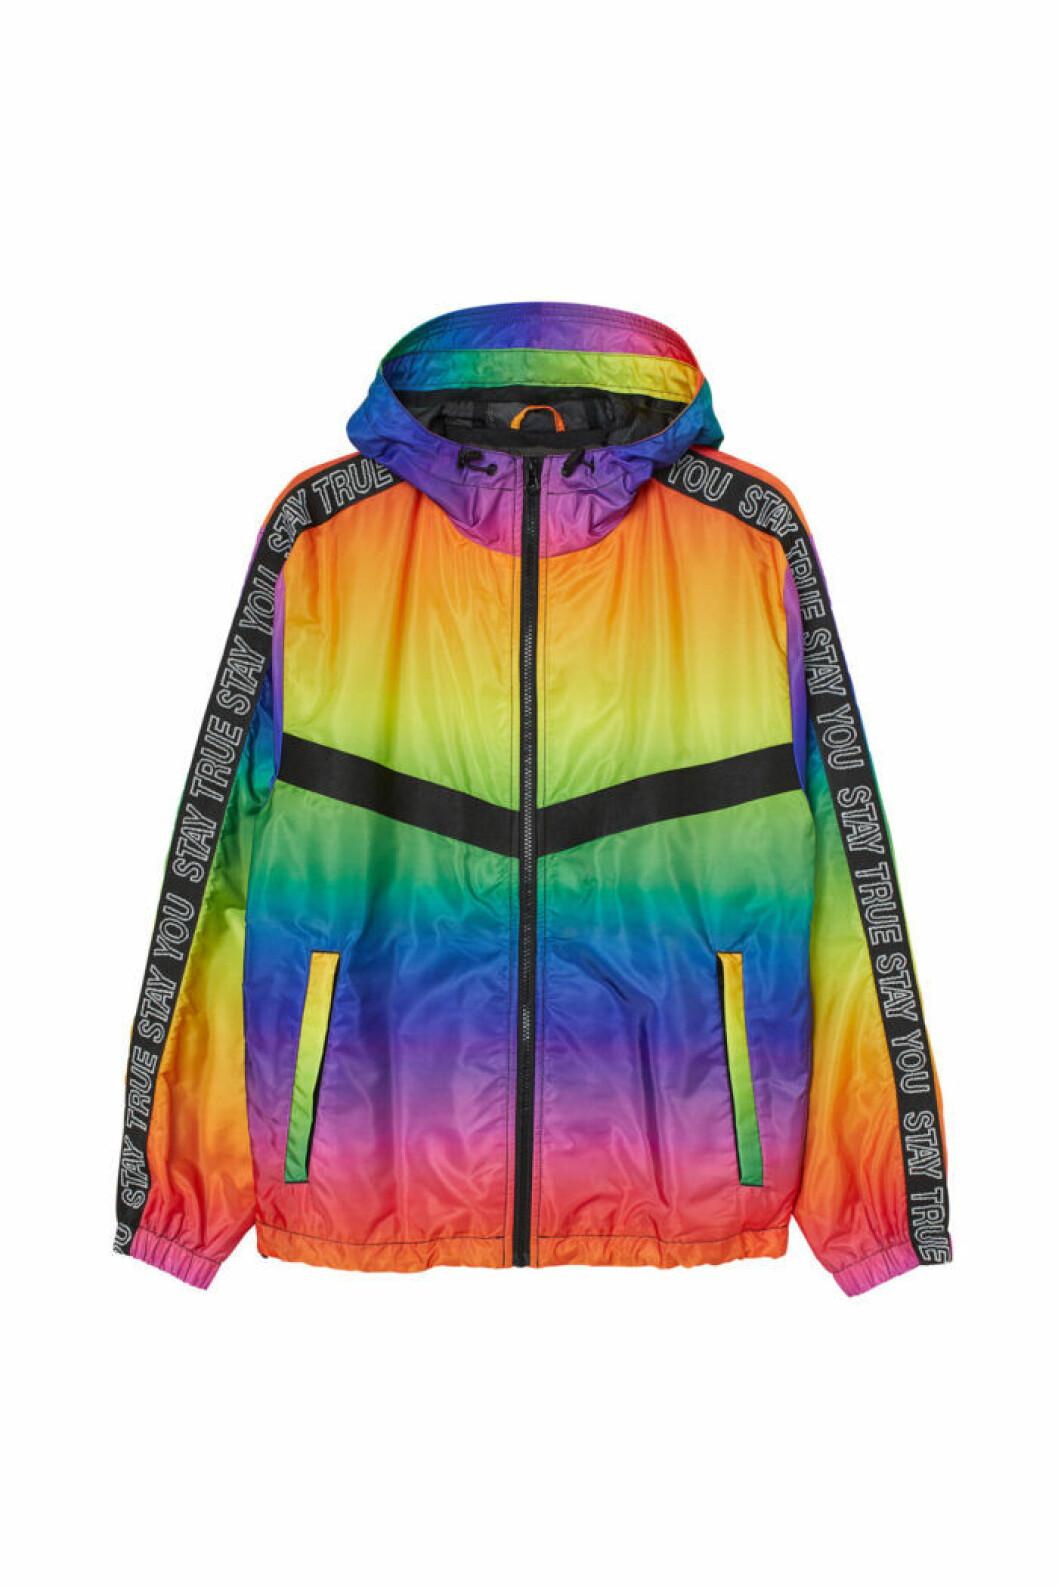 H&M släpper Pridekollektion för 2019 – regnbågsfärgad jacka med luva